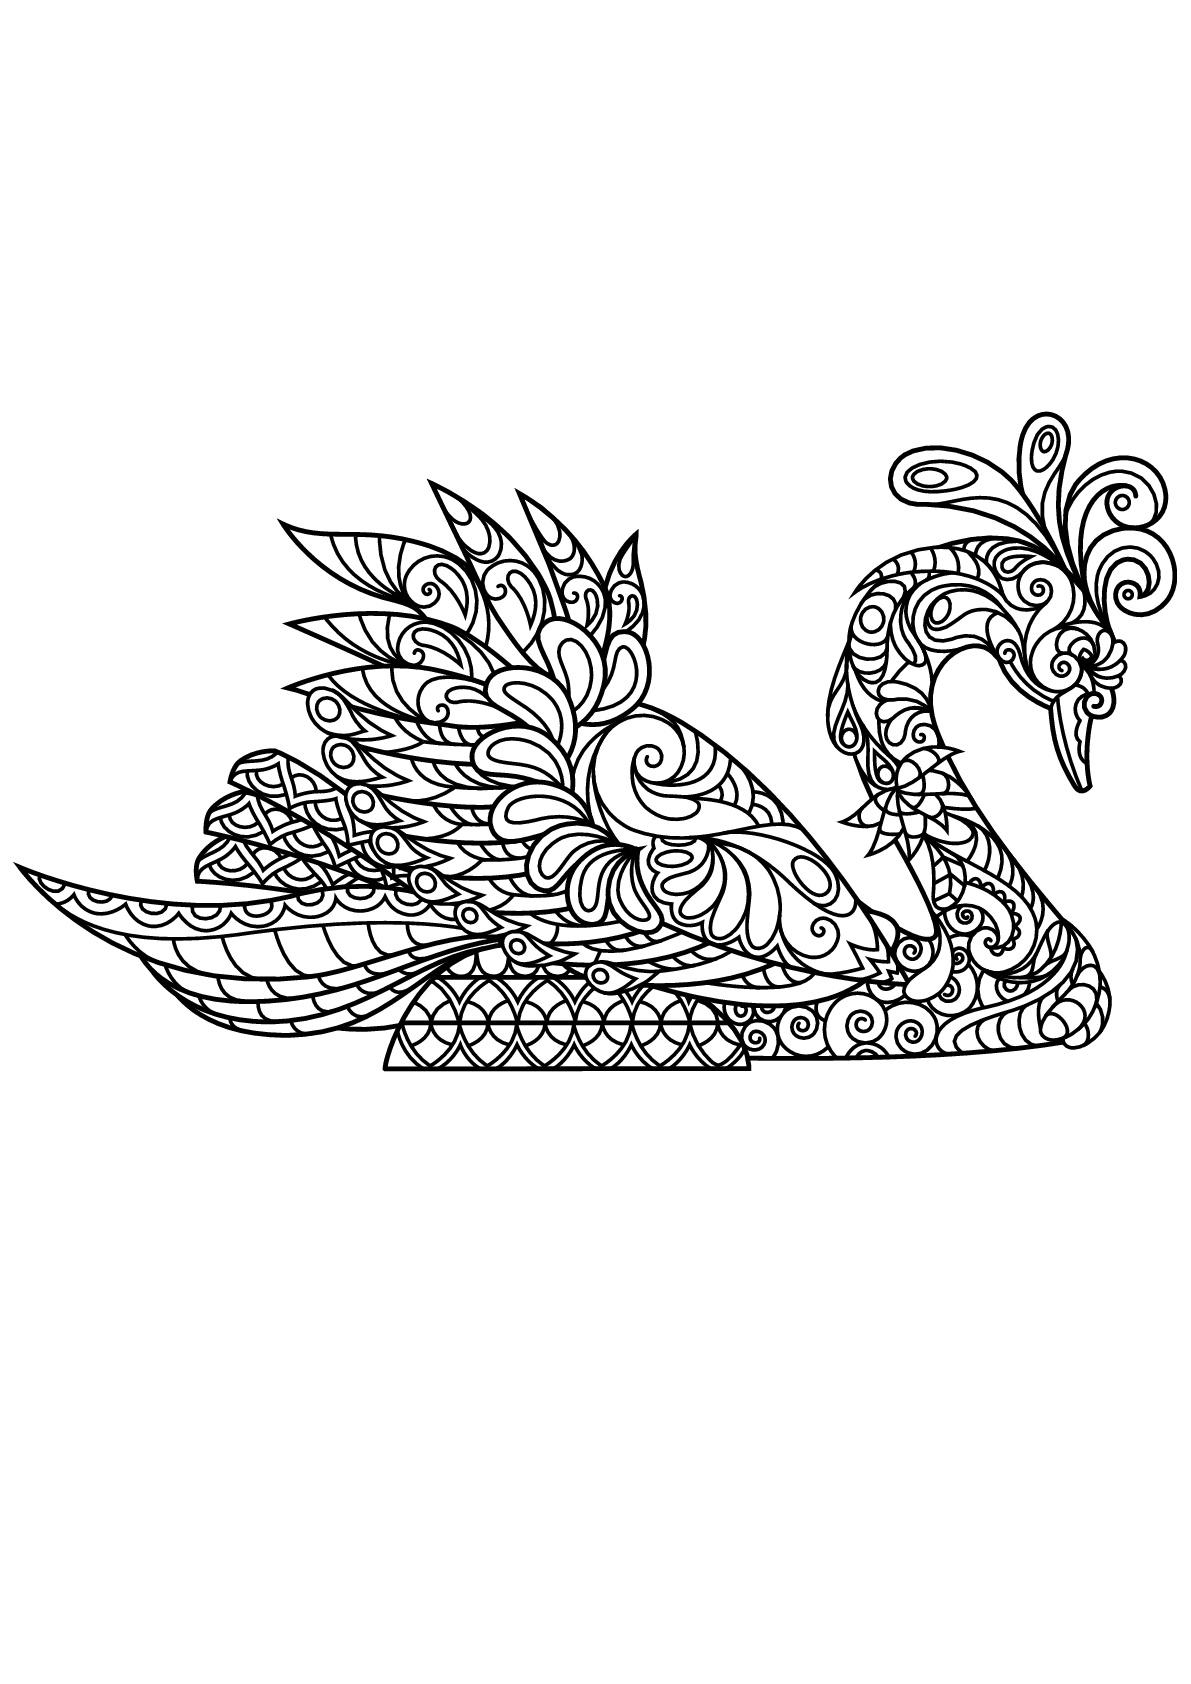 Cygne - Coloriage d'Oiseaux - Coloriages pour enfants